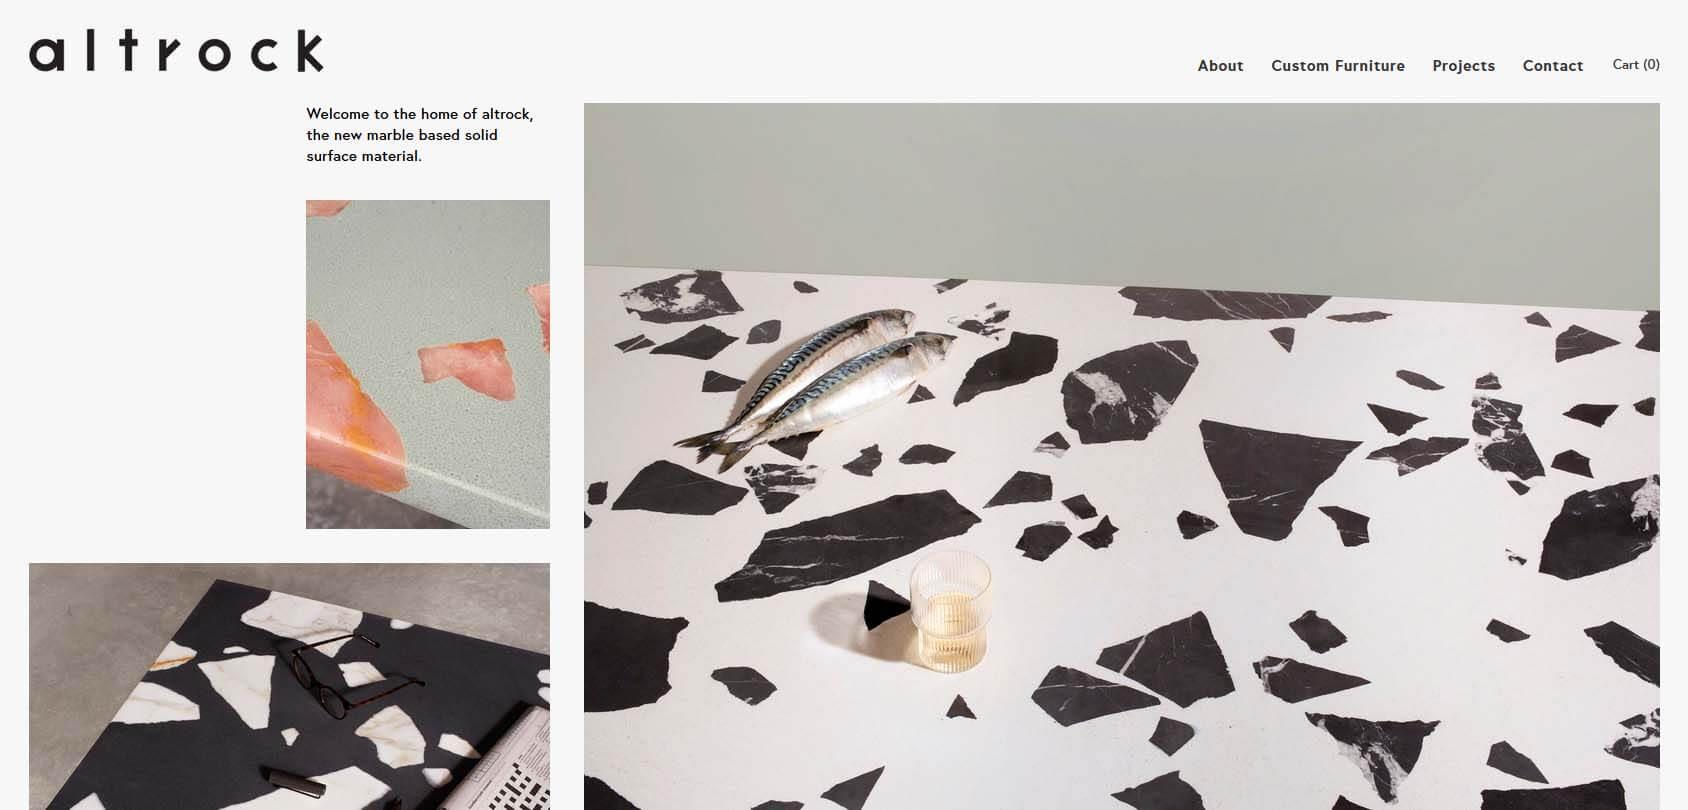 Altrock Homepage